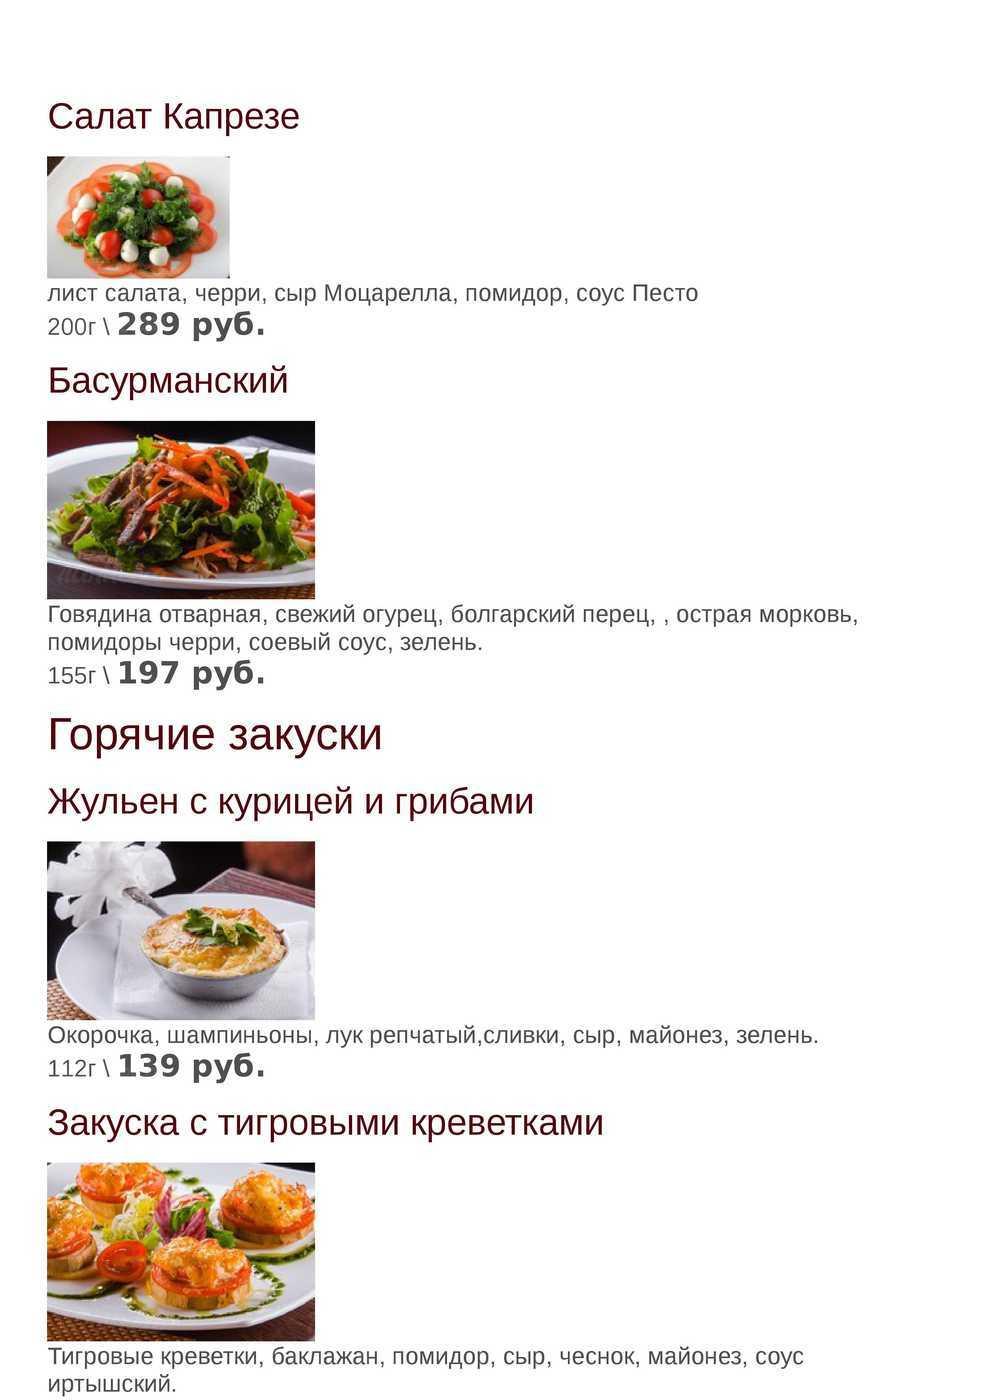 Меню кафе Ермак на проспекте имени газеты Красноярский Рабочий фото 12